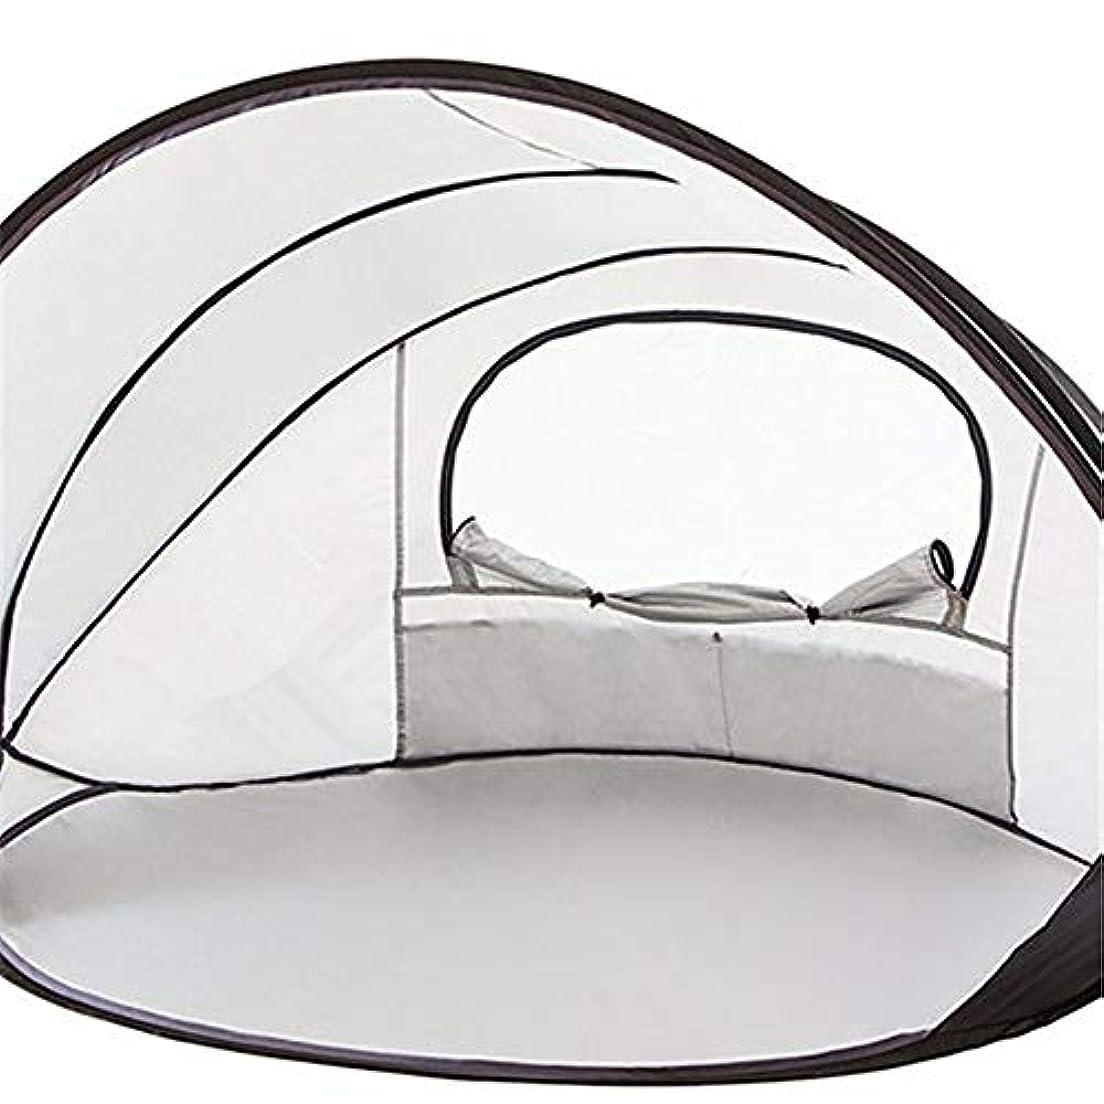 名前を作る目的繊細紫外線日焼け止め用のポップアップビーチテント定格UPF 50+が含まれていますキャリートラベルバッグテントペグ2人用簡単折りたたみビーチシェルター、100%防水